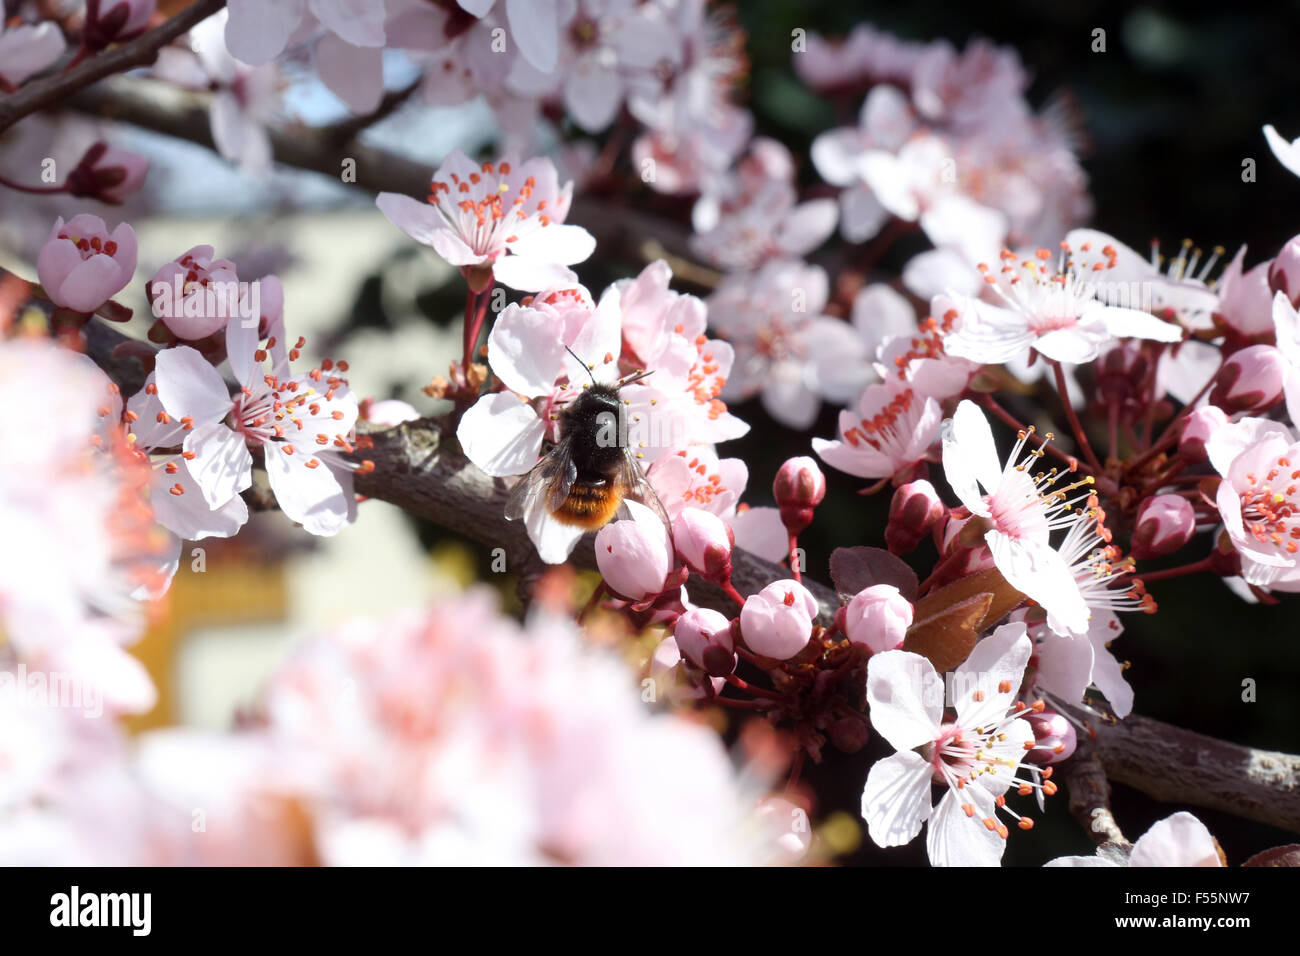 19.03.2014, Zuerich, Canton Zurich, Switzerland - Red mason bee collects nectar on a cherry blossom. 00S140319D007CAROEX.JPG Stock Photo